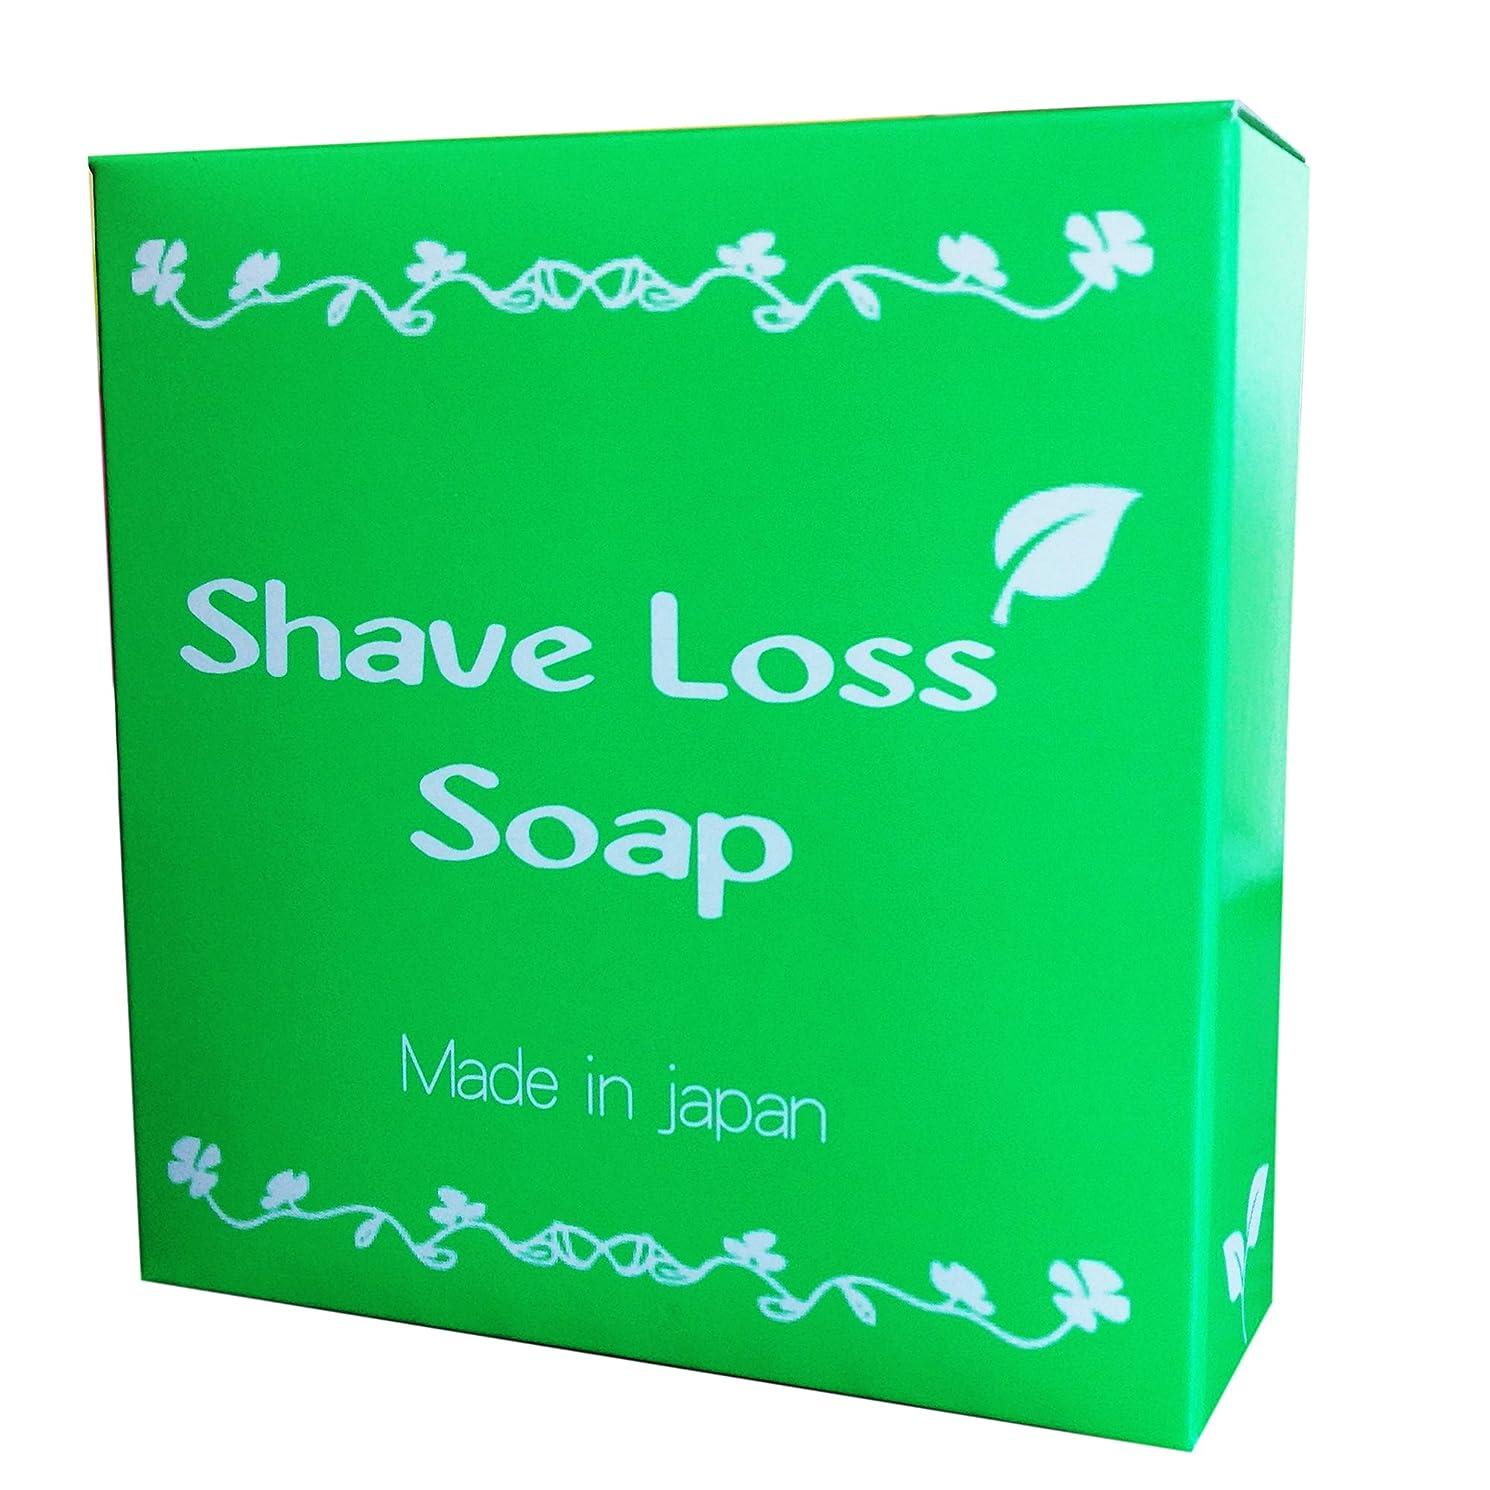 怒り放棄霧深いShave Loss Soap 女性のツルツルを叶える 奇跡の石鹸 80g (1個)